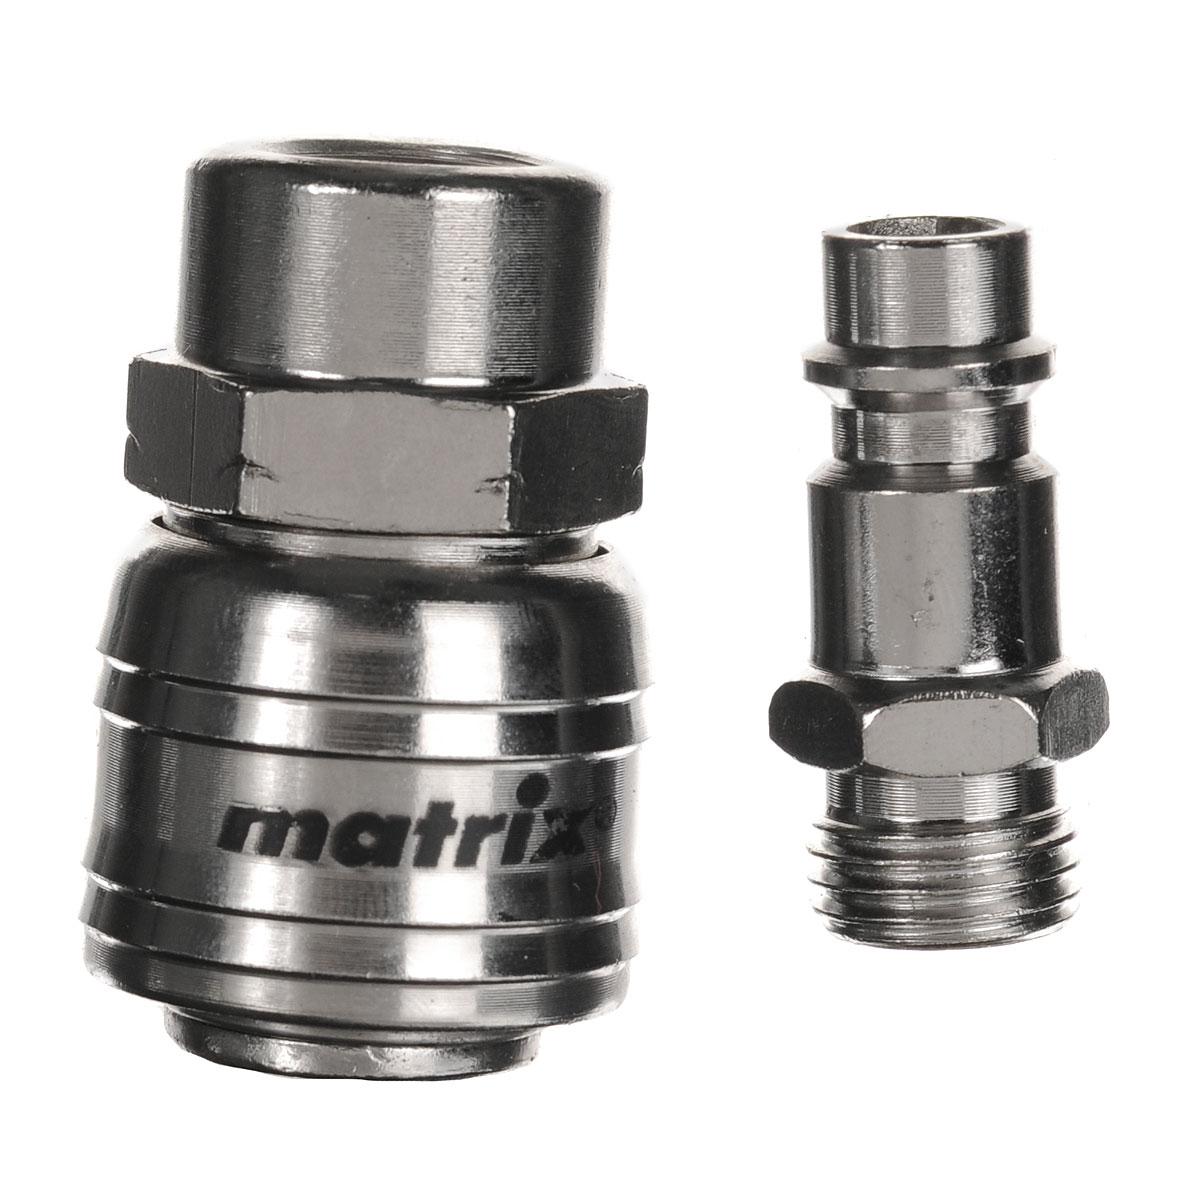 Набор переходников Matrix, внутренний диаметр 1/4, 2 шт13355Переходники Matrix изготовлены из высококачественного металла. Они применяются для обеспечения соединения разного типа креплений (резьбовых и быстросъемных).